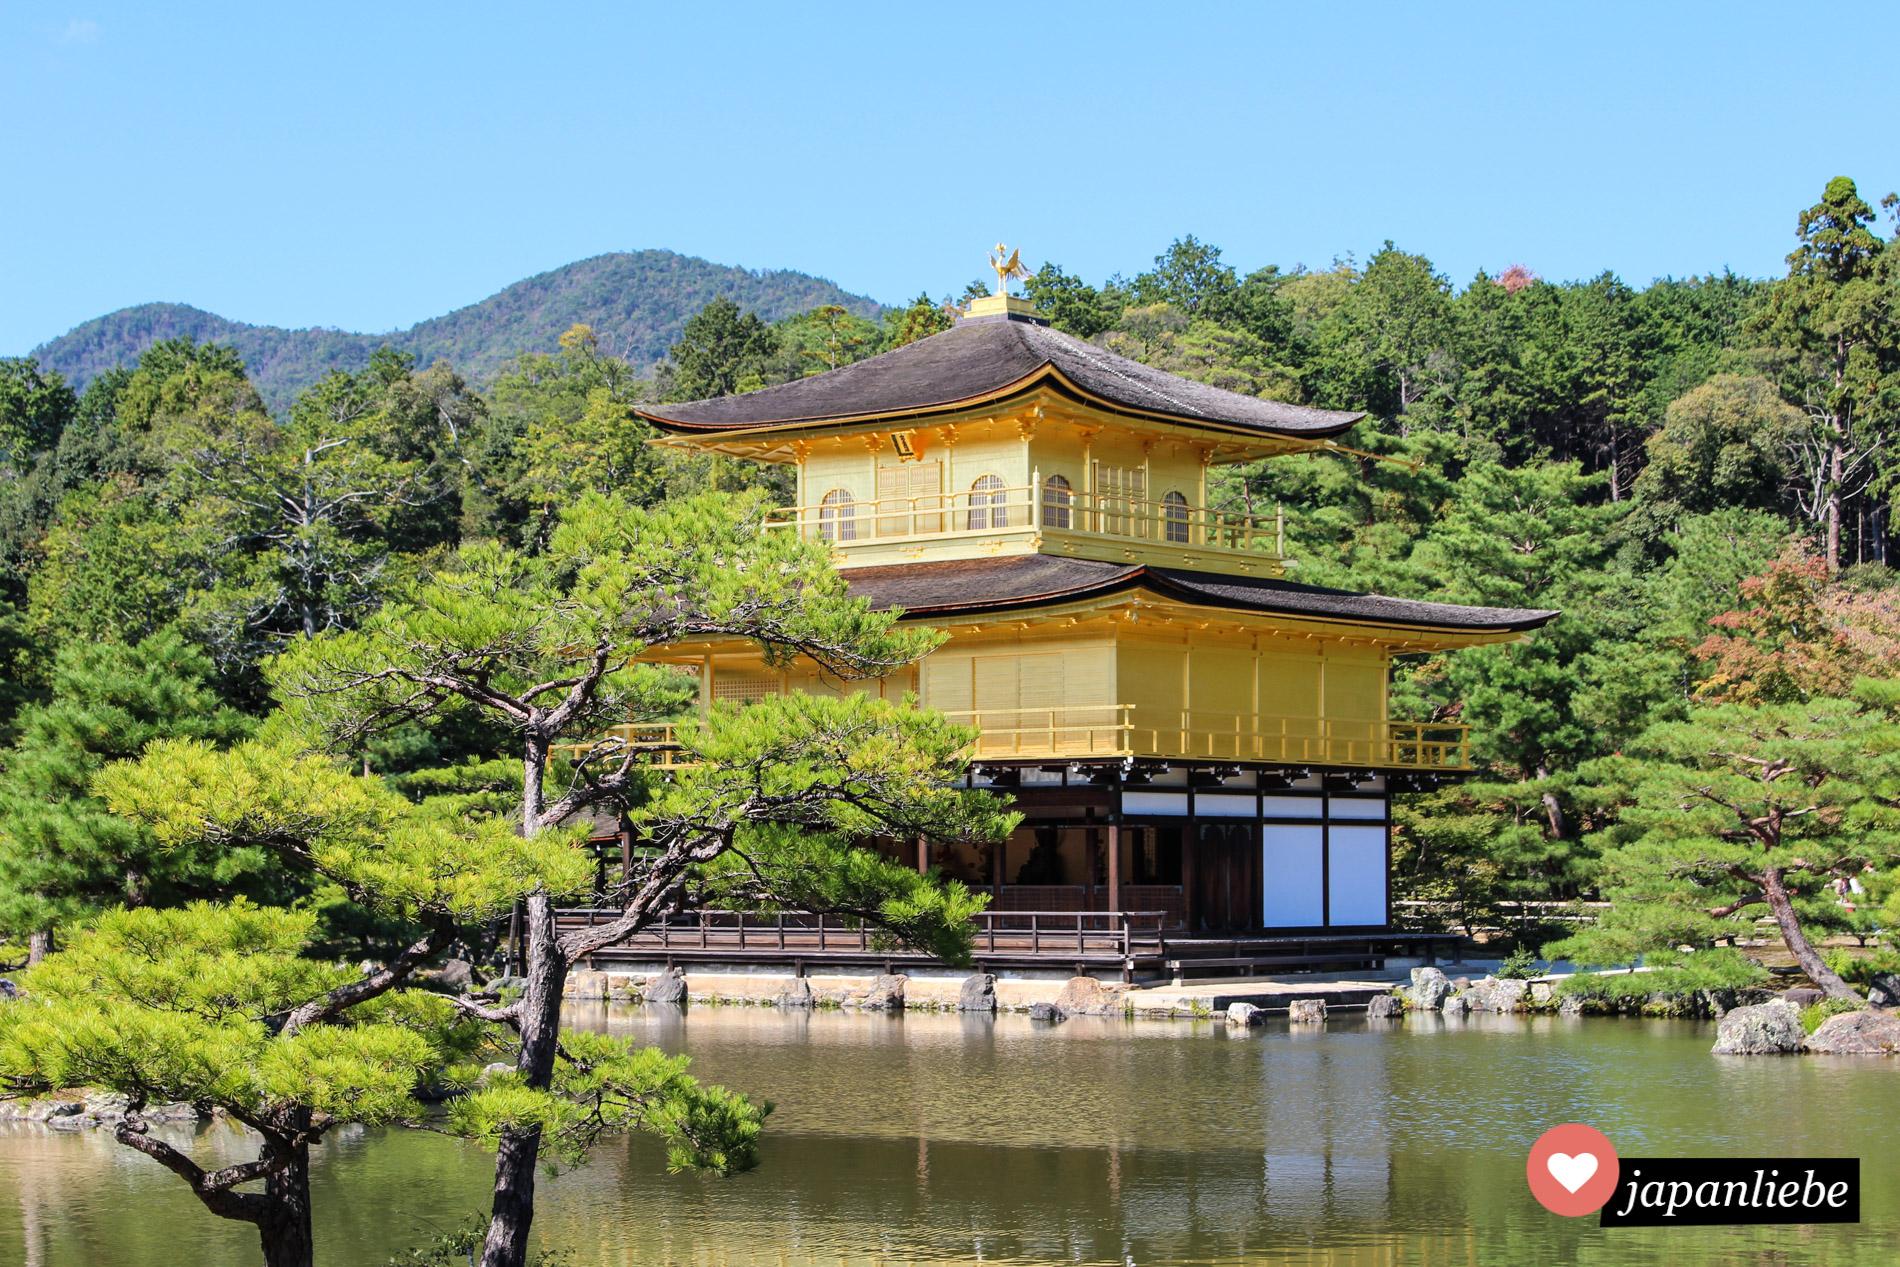 Muss man auf einer Japanreise einfach mal gesehen haben: Das goldene Pavillion (Kinkaku-ji) in Kyōto